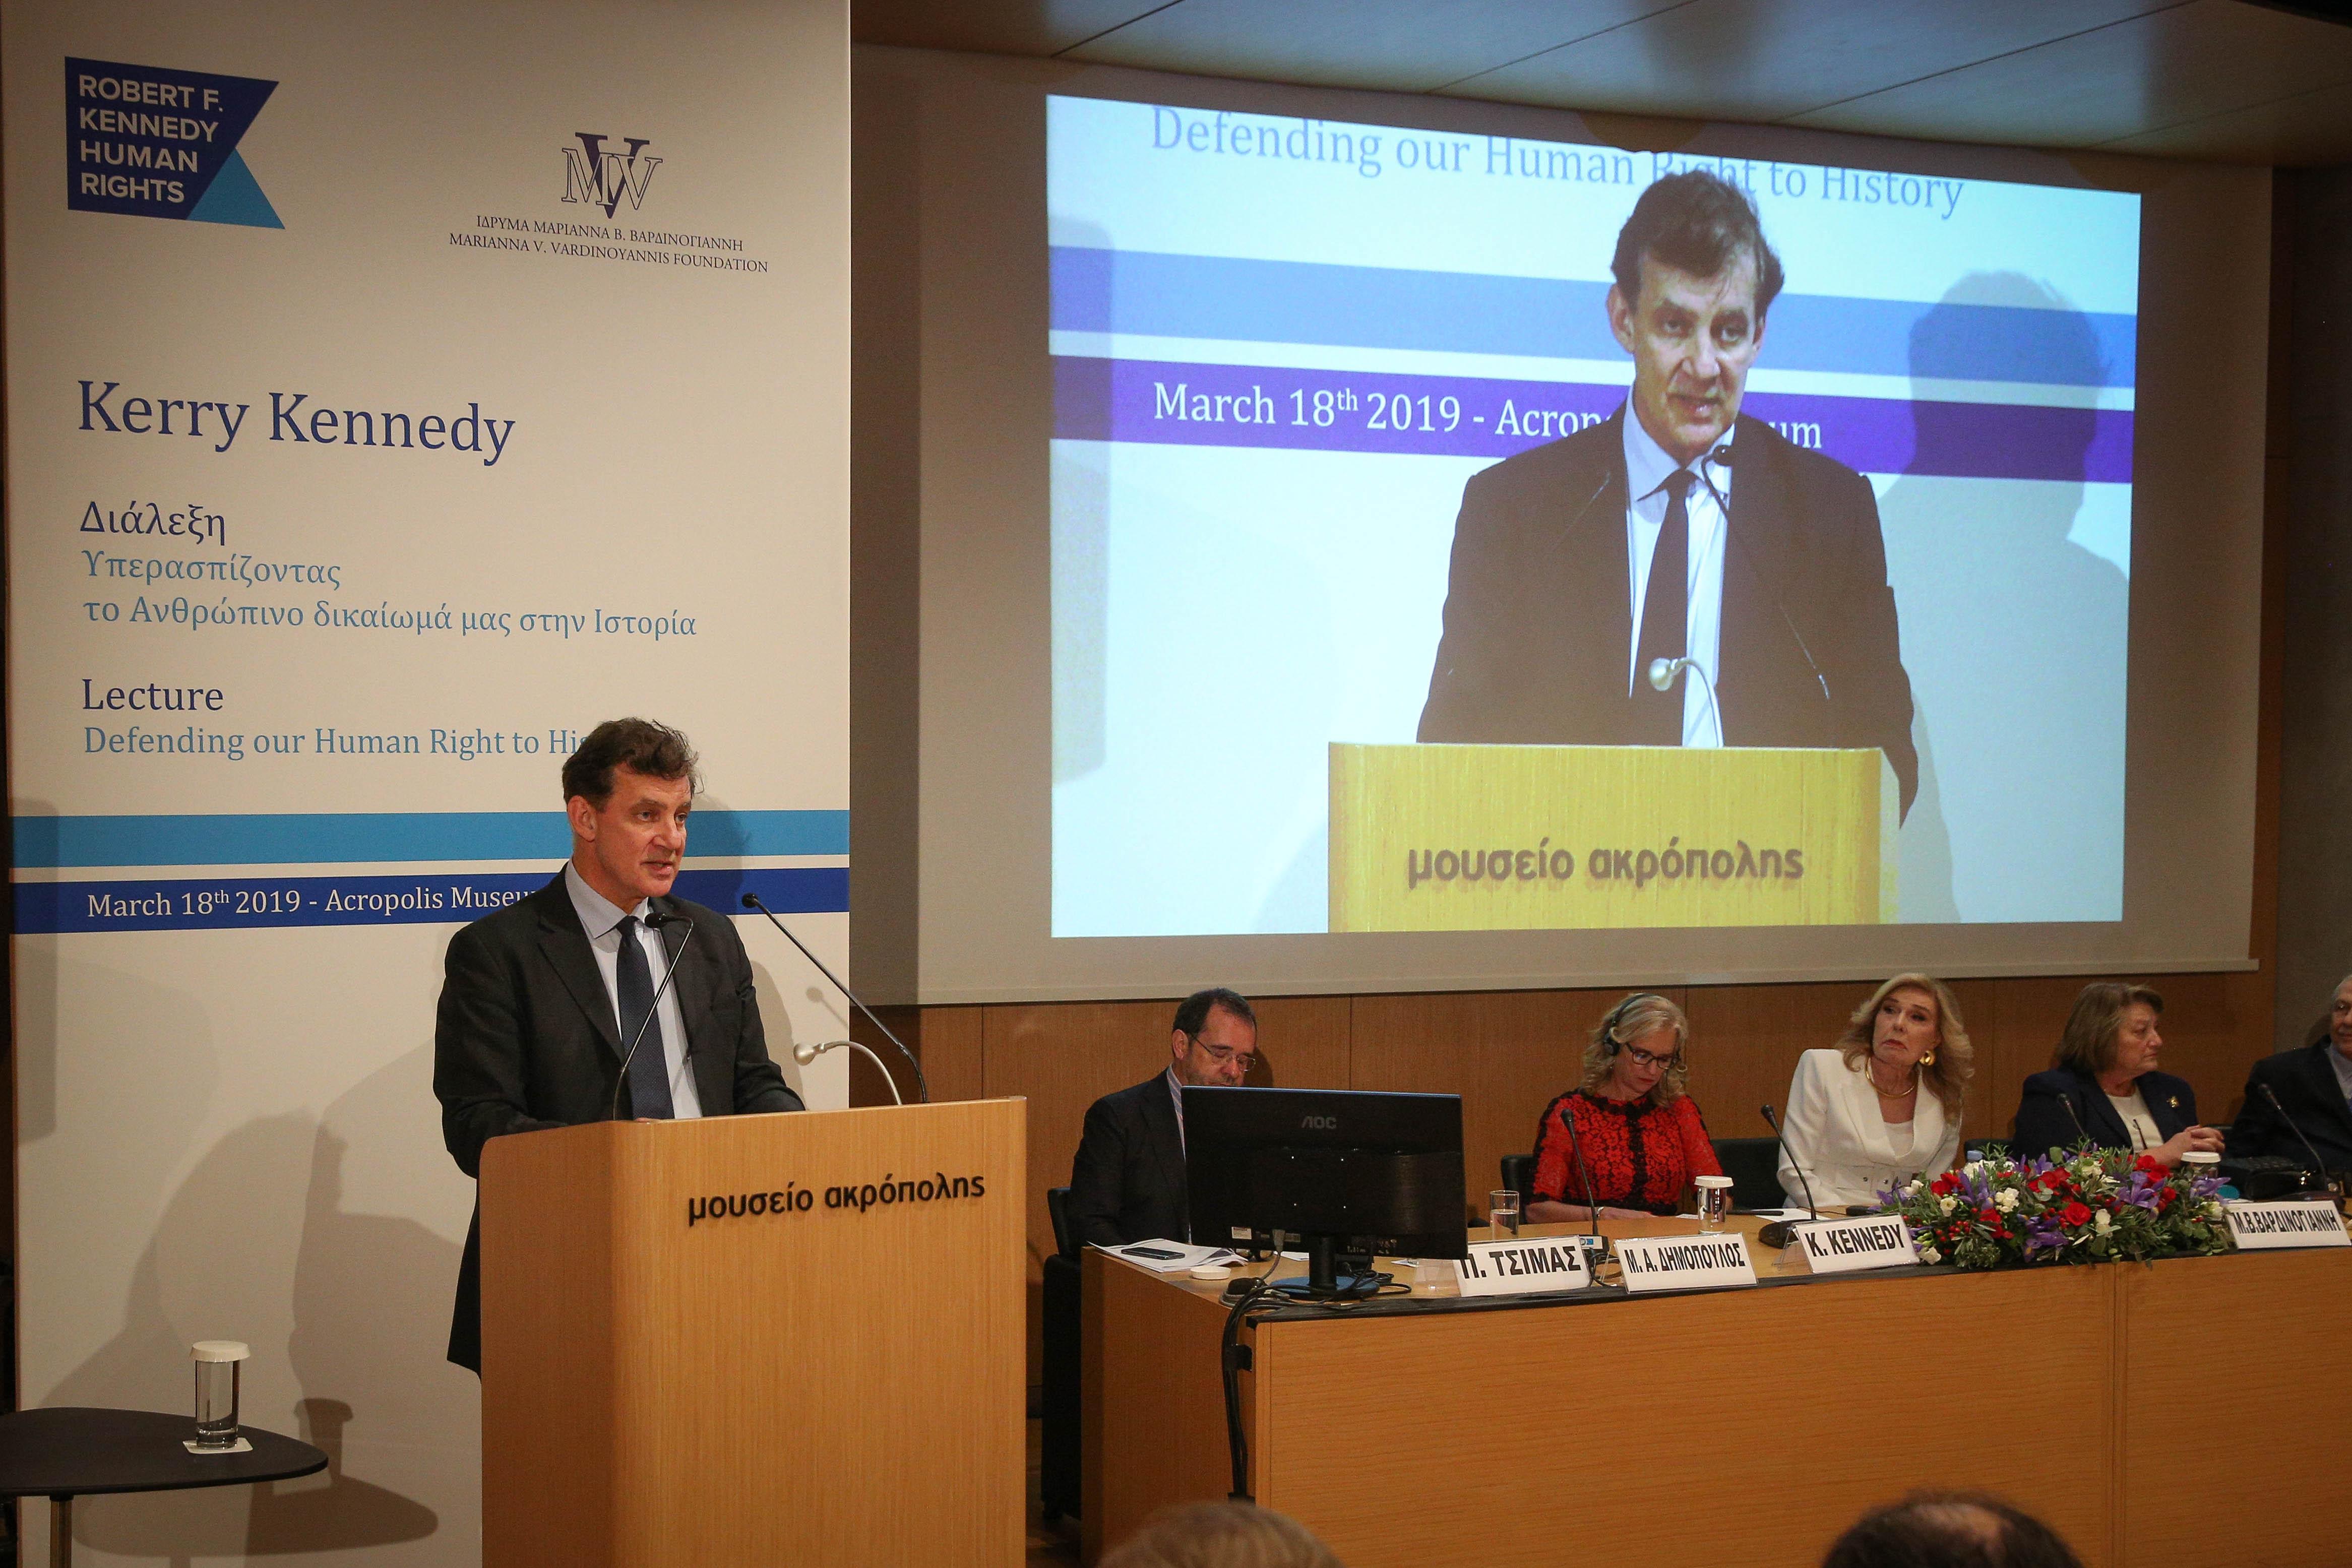 Ο Θάνος Δημόπουλος κατά την διάρκεια της ομιλίας του